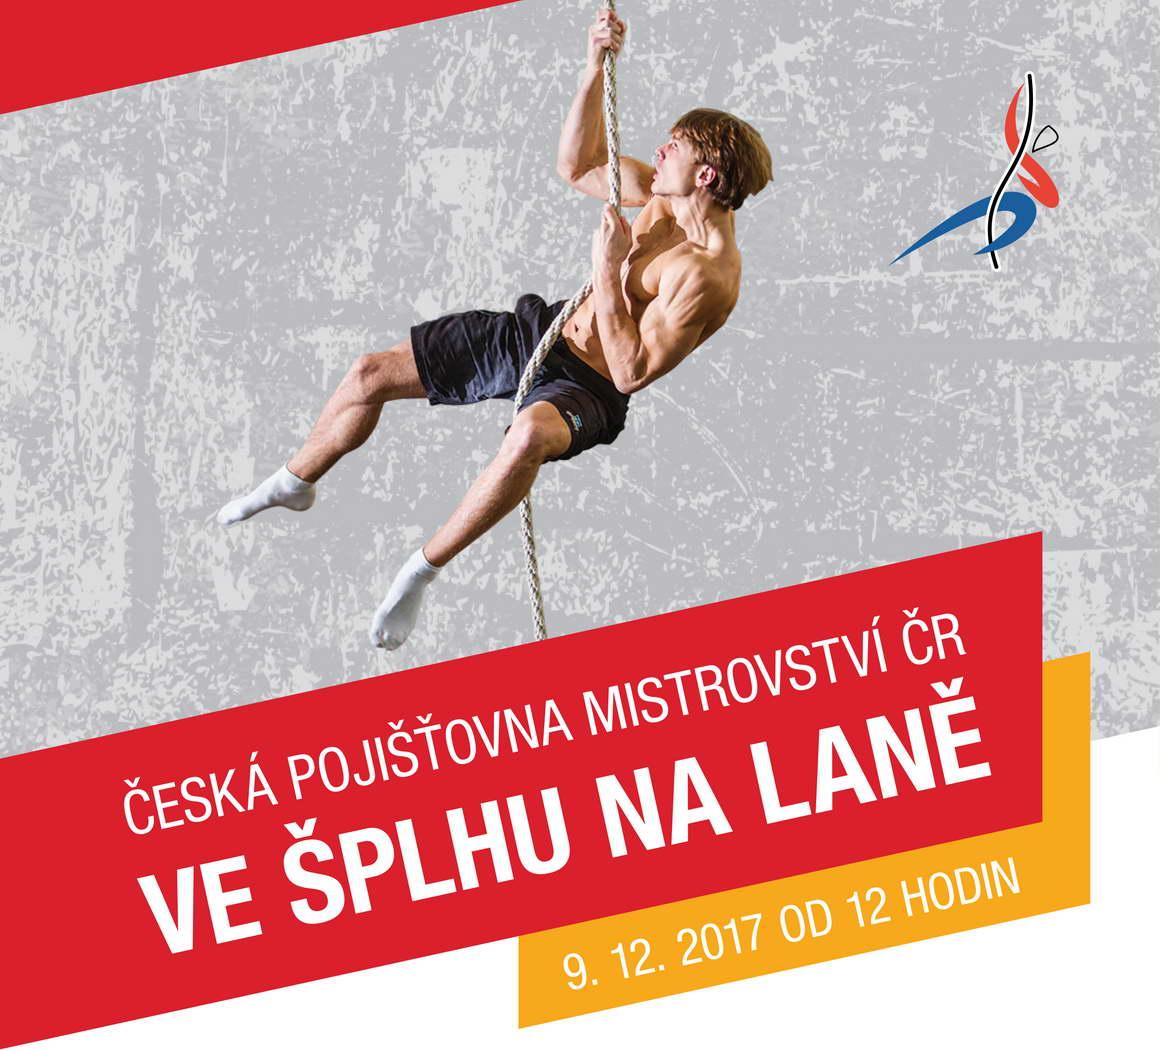 Česká pojišťovna Mistrovství ČR ve šplhu na laně 2017 - plakát - live